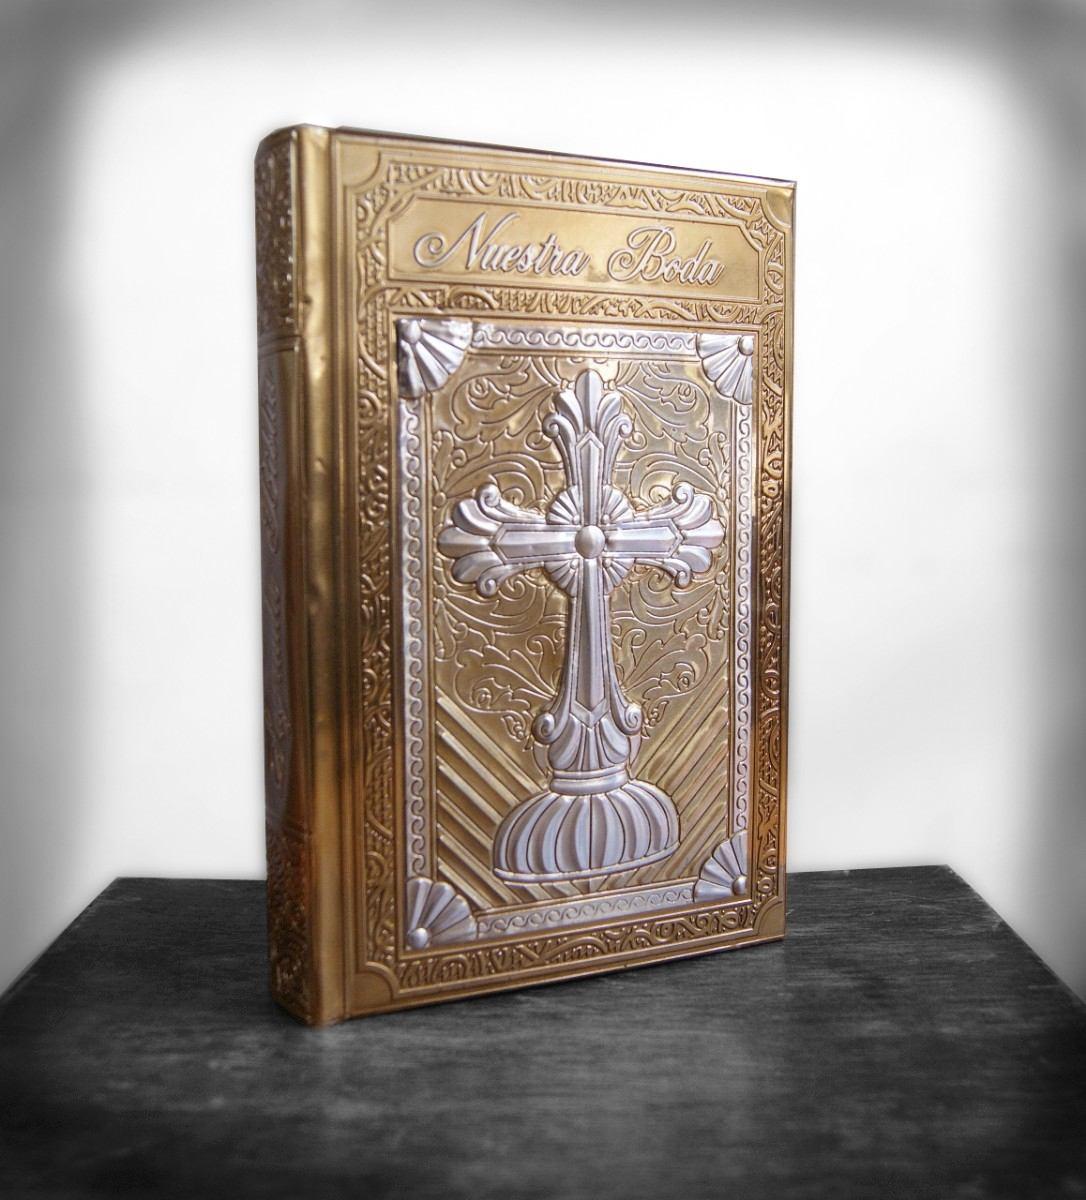 Biblia De Matrimonio : Boda biblias imagenes